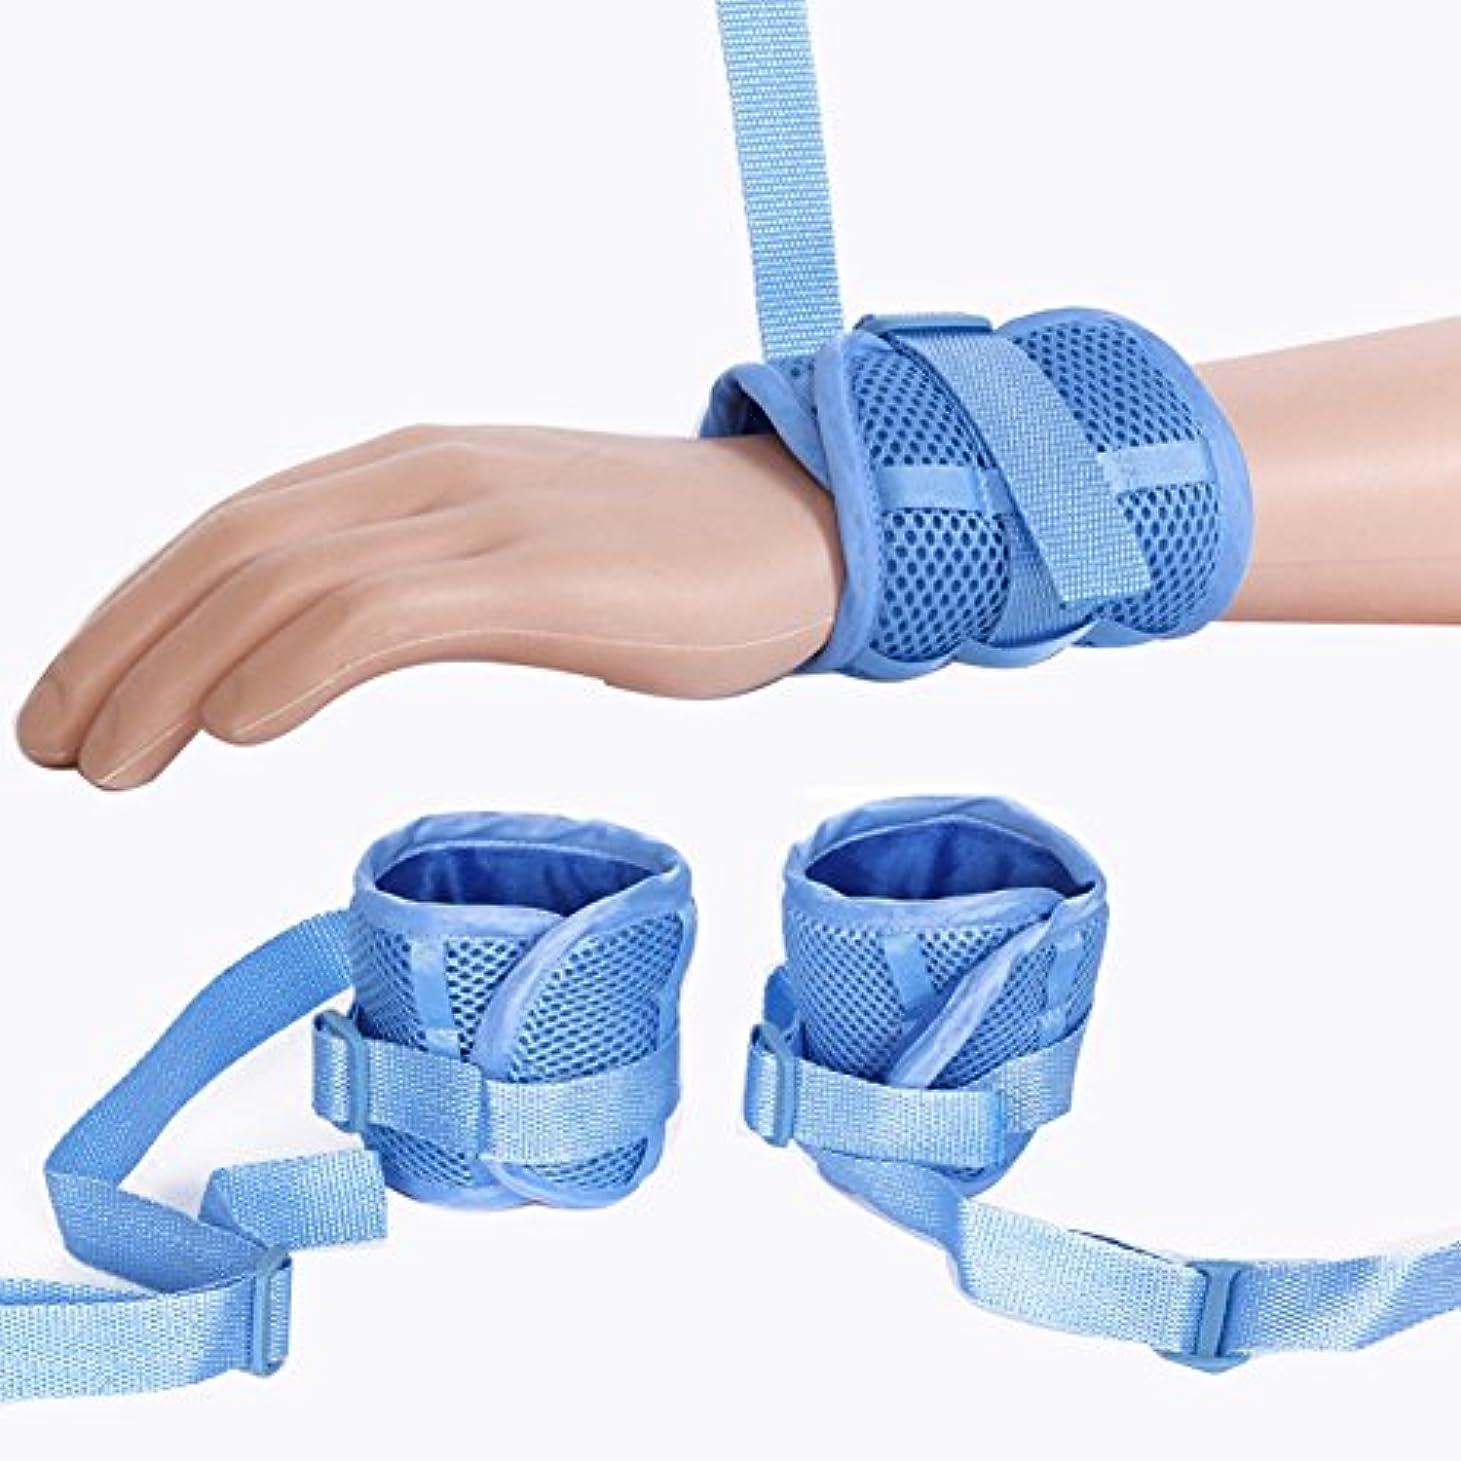 天才答え感度コントロール?マット医療用拘束具患者の手の感染用具防護用具ユニバーサル?コントロール防御用固定手袋 - 青色1組